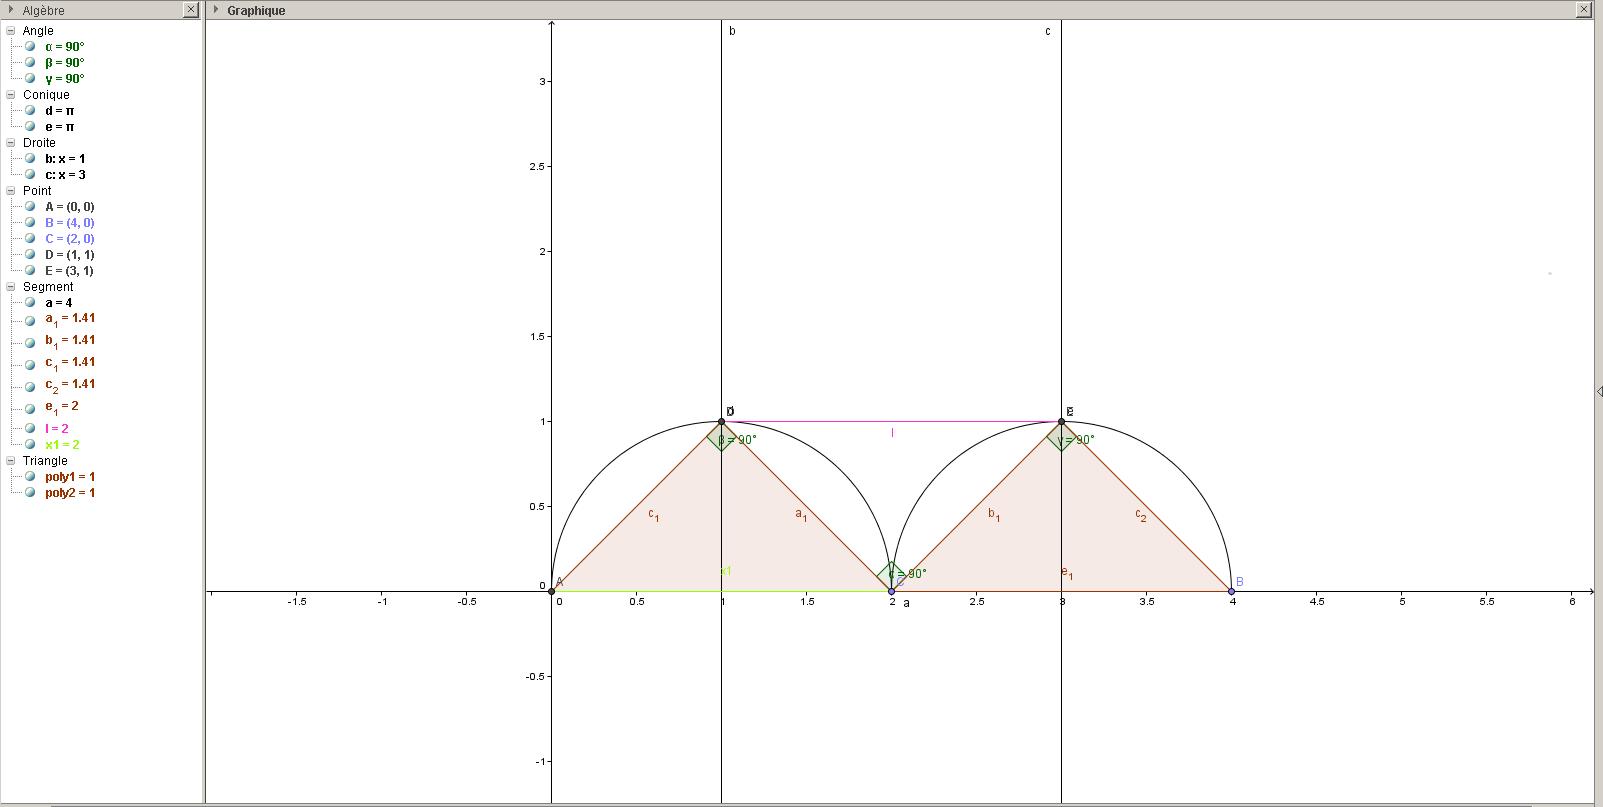 1S Problème geogebra 1443029769-maths